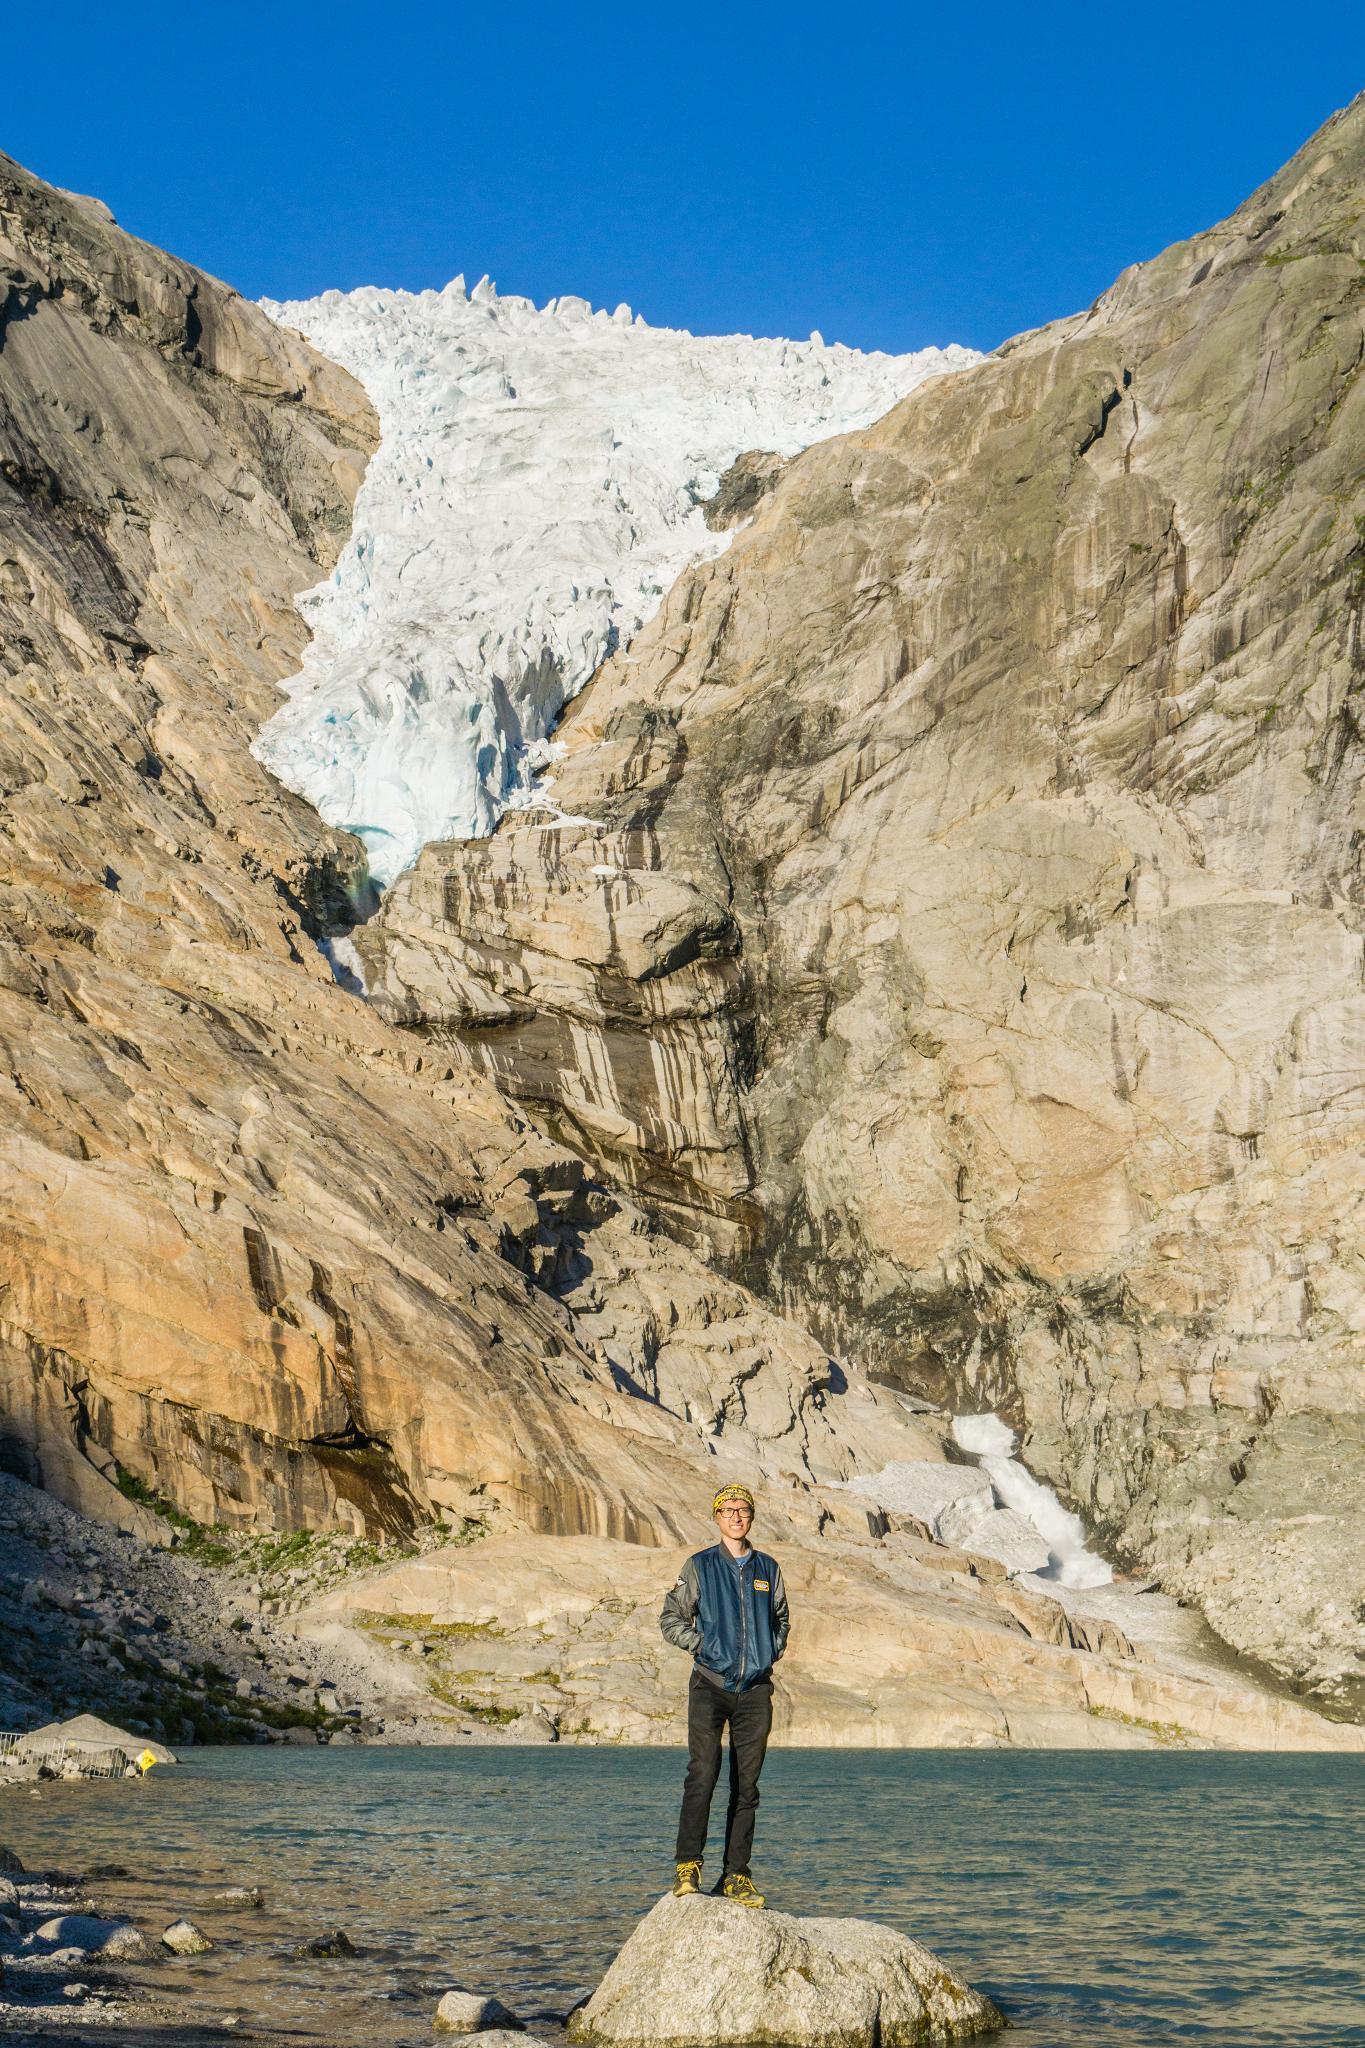 【北歐景點】挪威散步看冰川 - Briksdal Glacier 逐漸消融的冰河哀愁 11